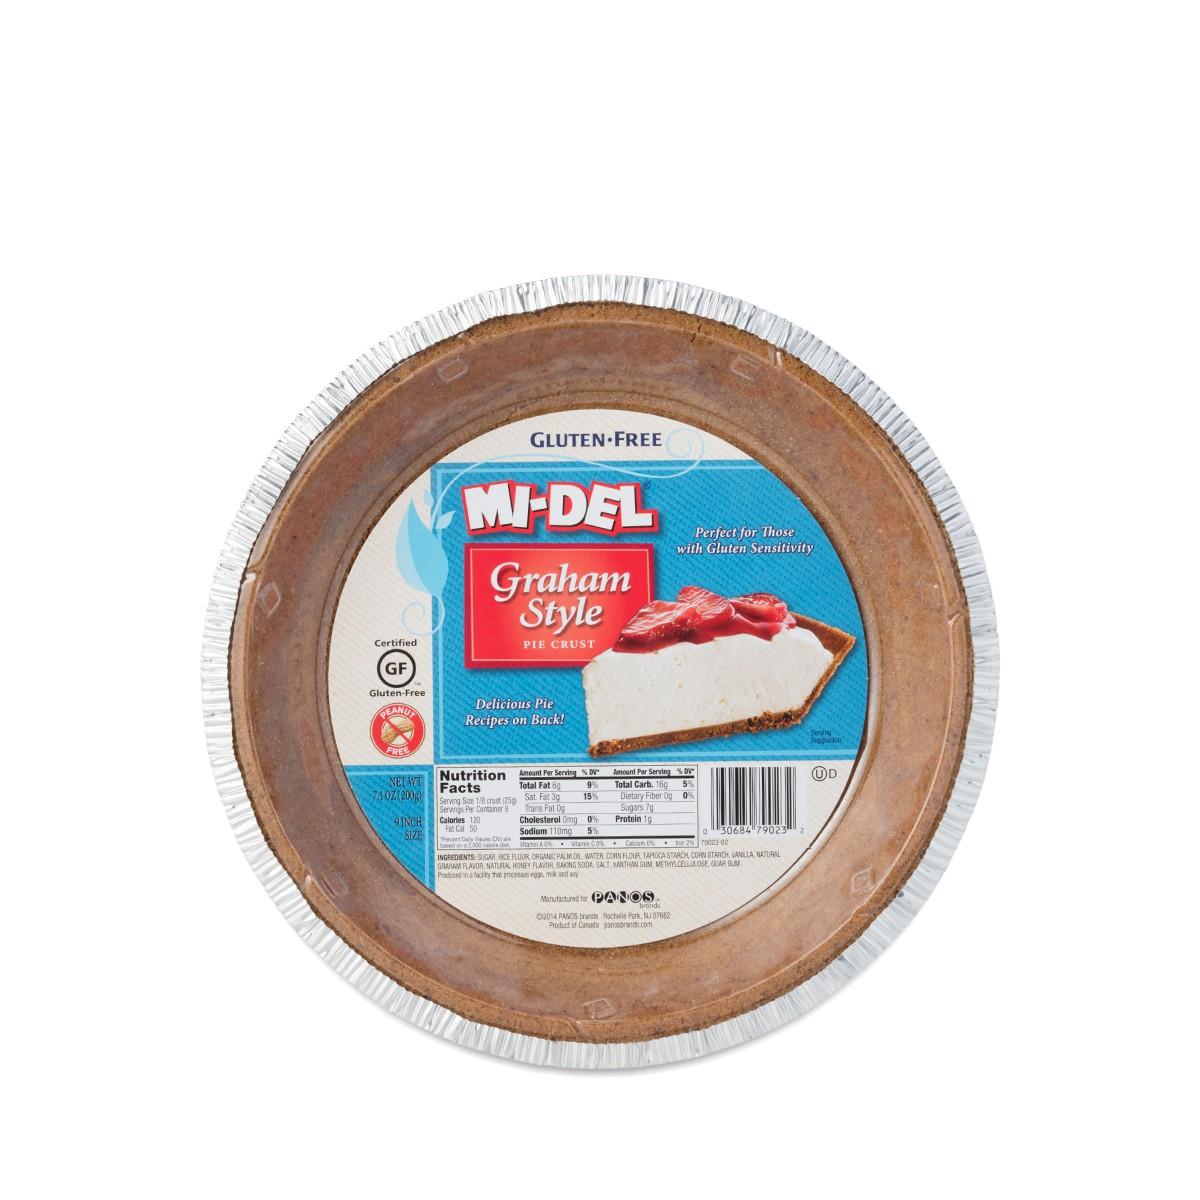 Midel Gluten Free Pie Crust, Graham Style - Thrive Market